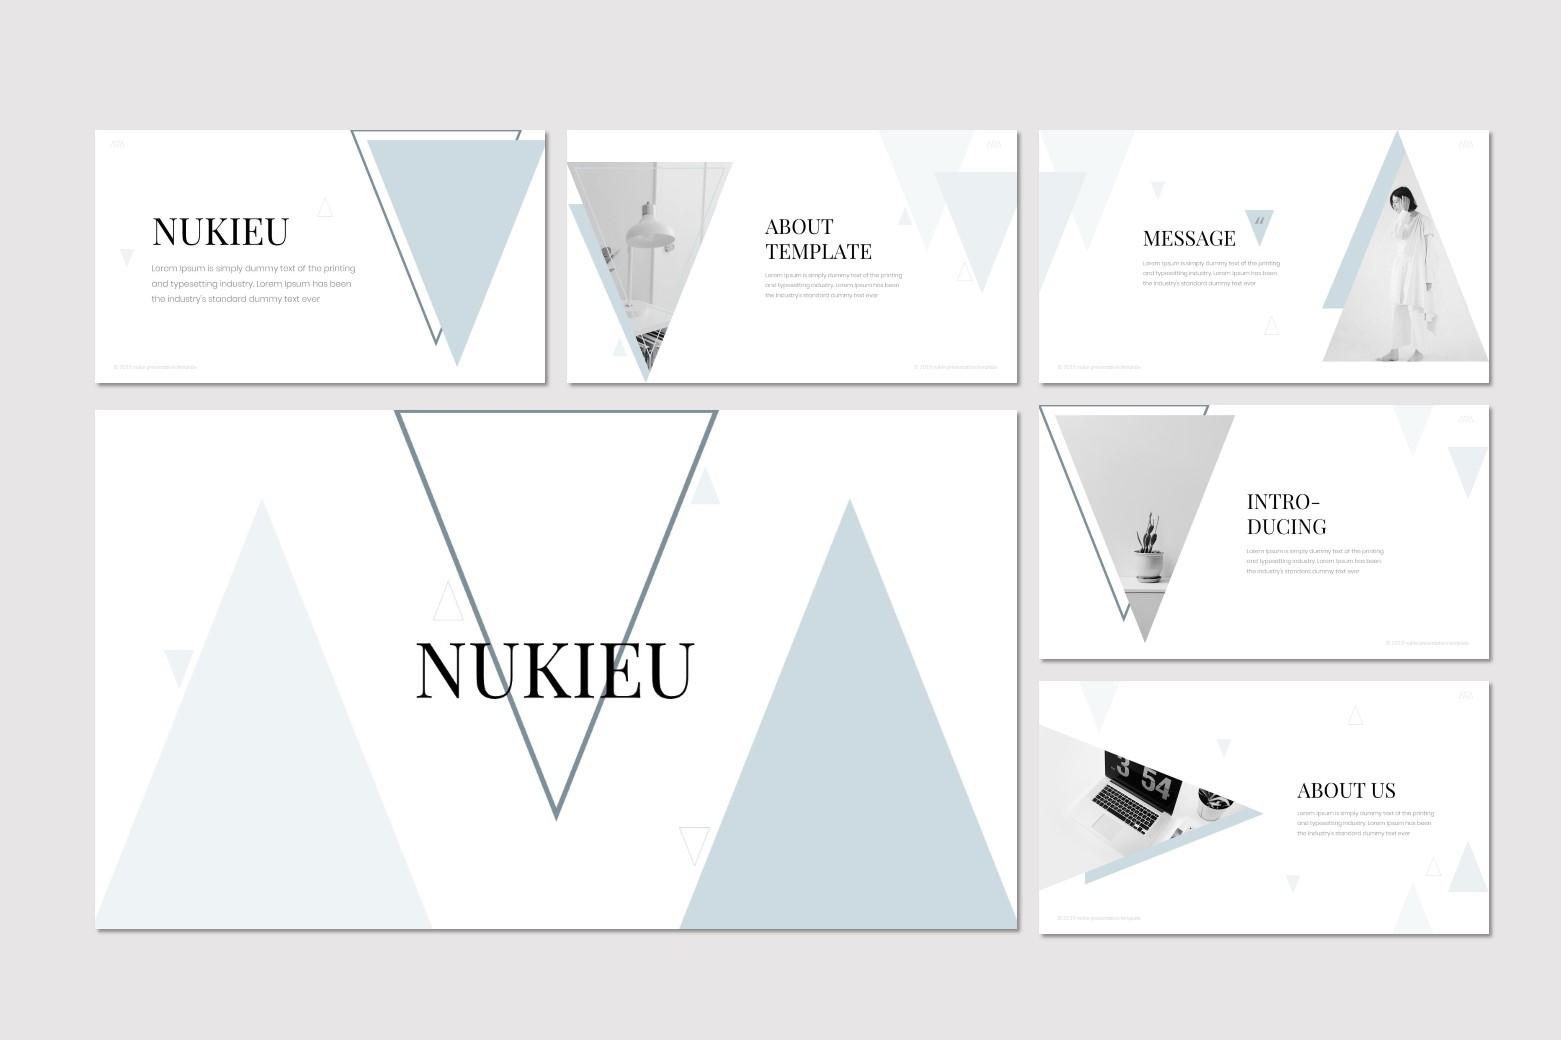 Nukie - Keynote Template example image 2